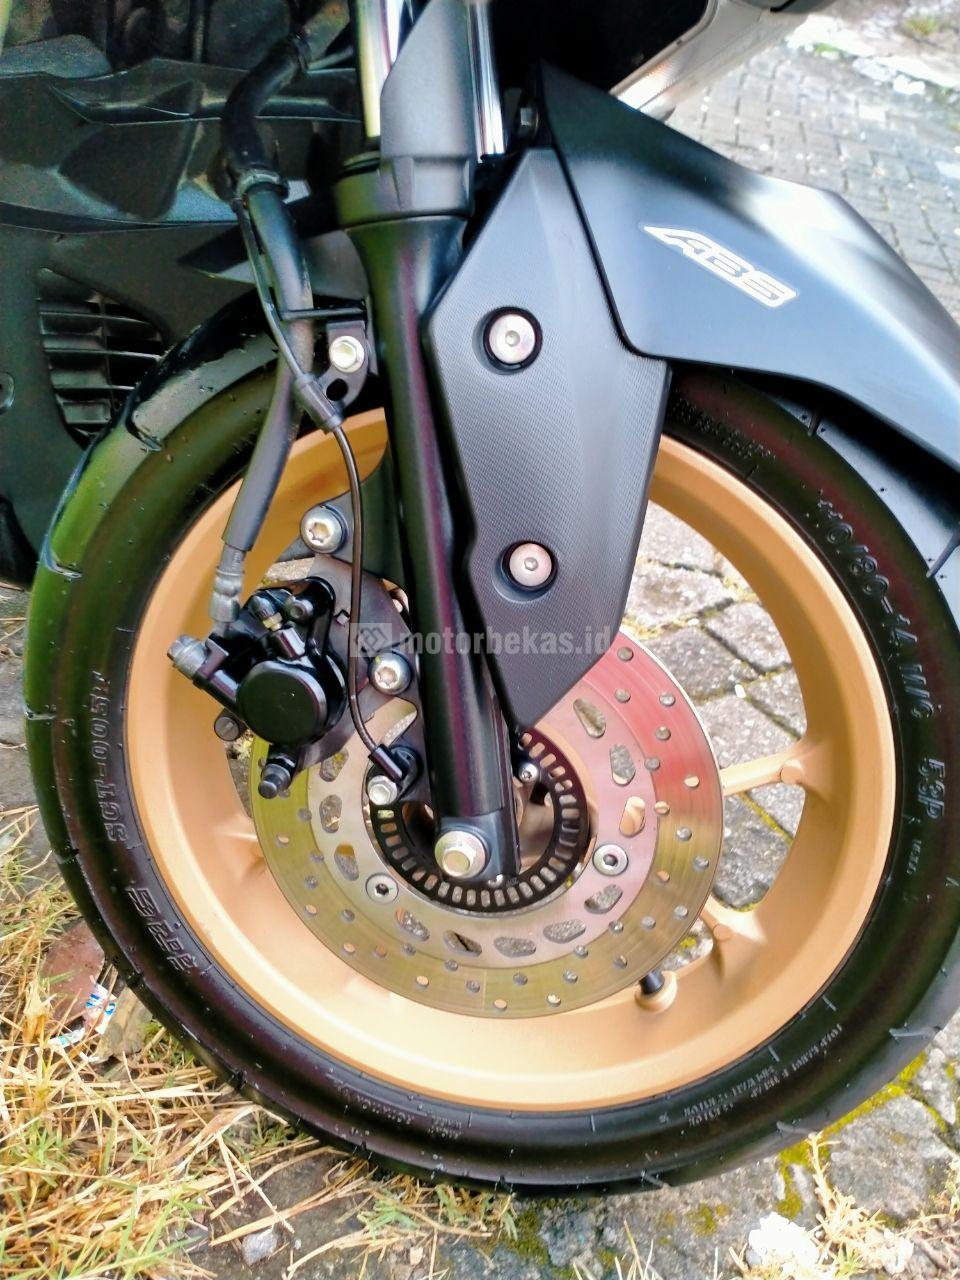 YAMAHA AEROX 155 ABS 1395 motorbekas.id